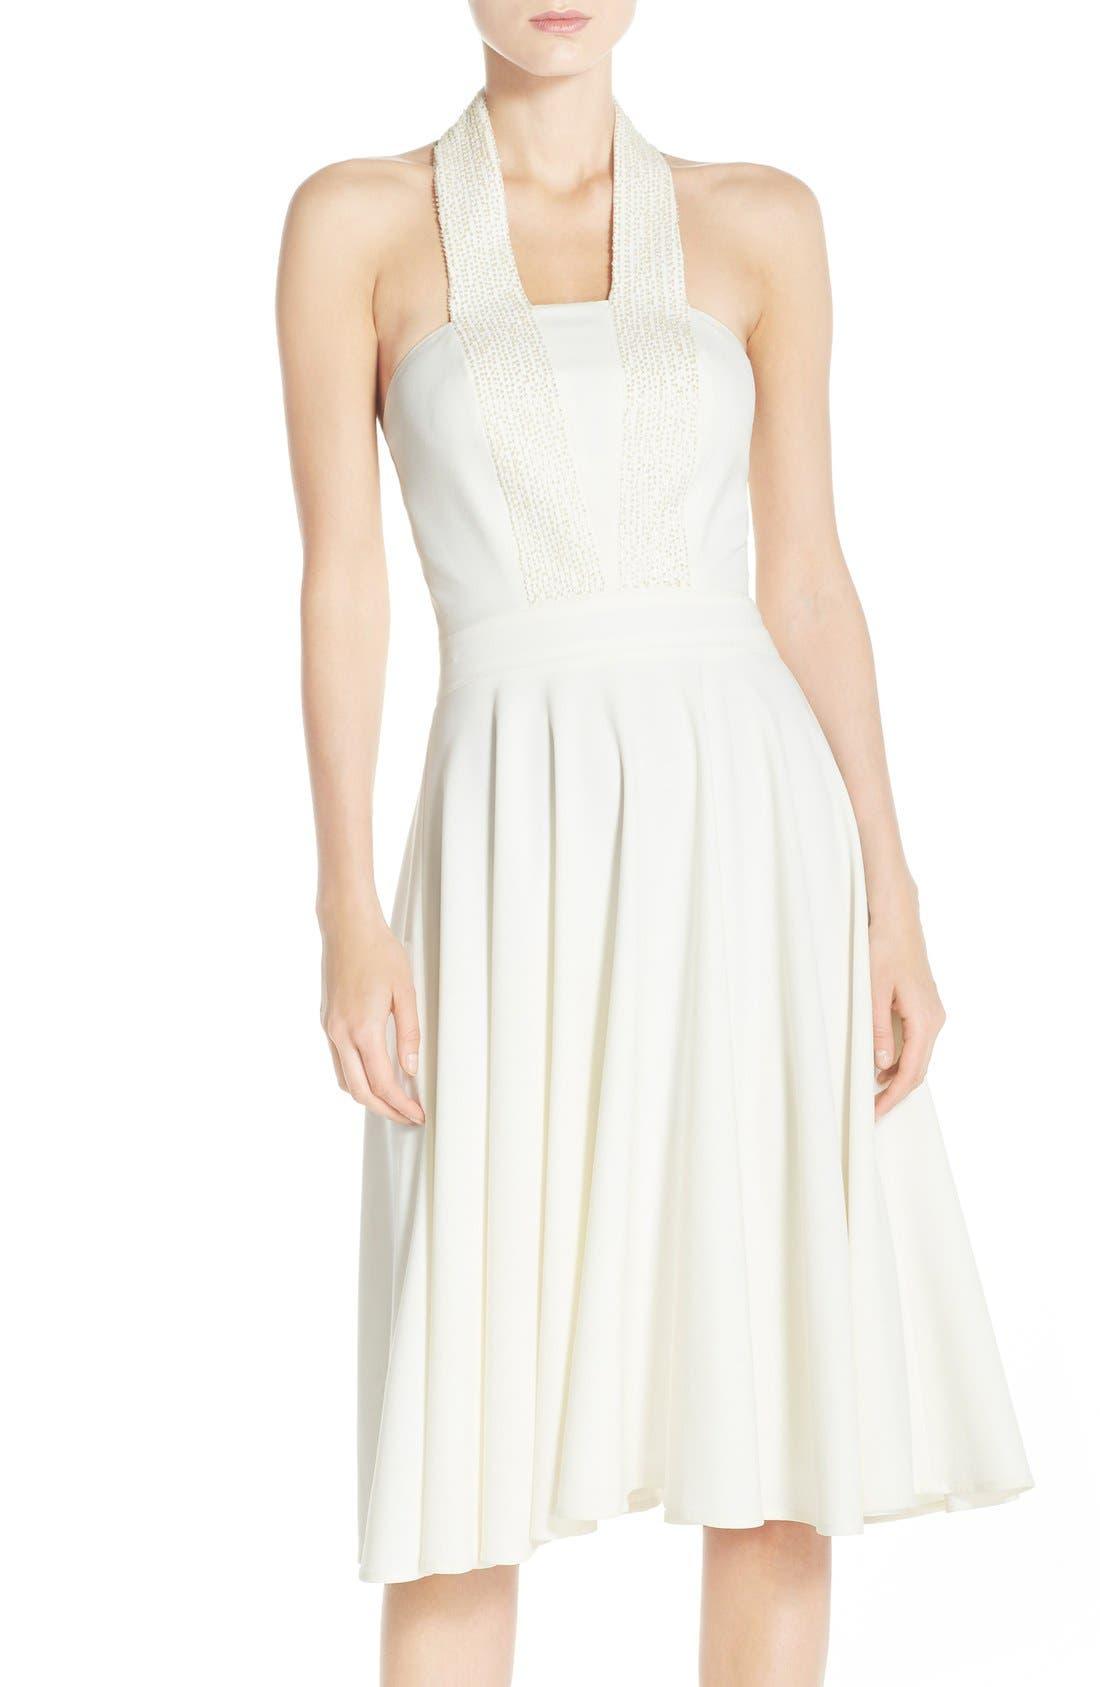 Alternate Image 1 Selected - Halston Heritage Embellished Halter Dress